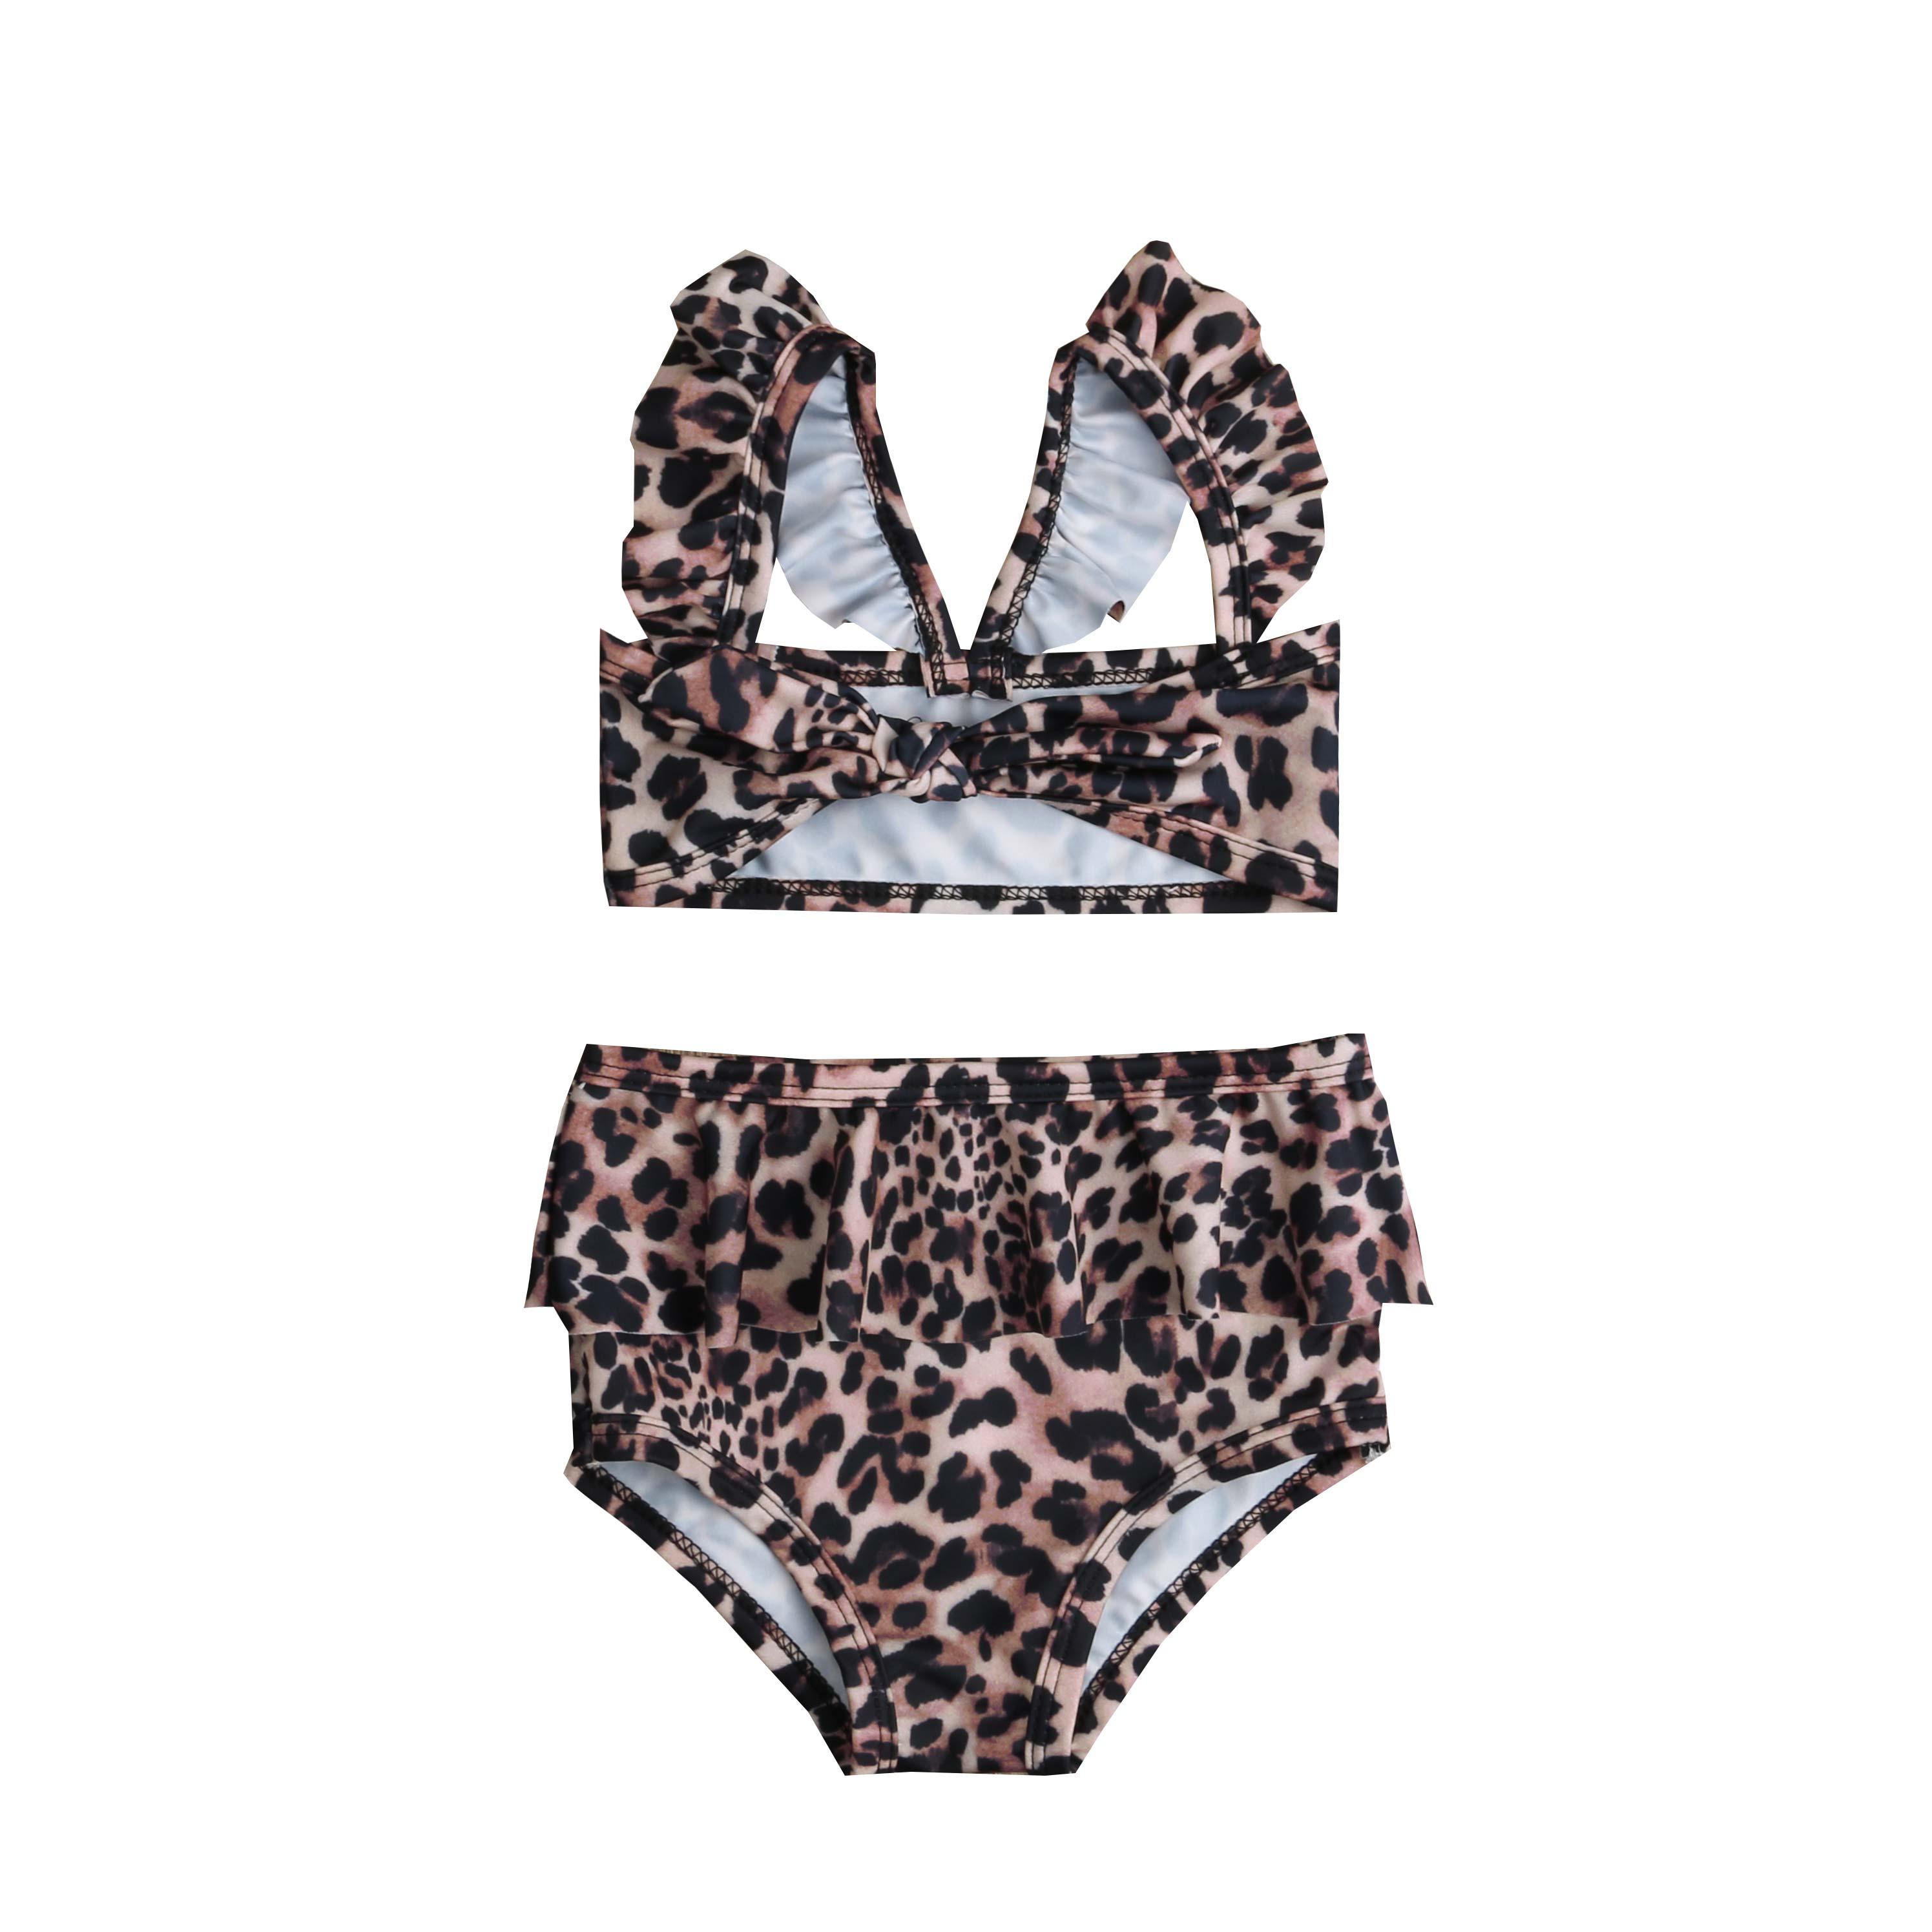 Лидер продаж, комплект из 2 предметов для маленьких девочек, Леопардовый цветочный принт, купальный костюм, бандаж, оборки, детский пляжный л... 15